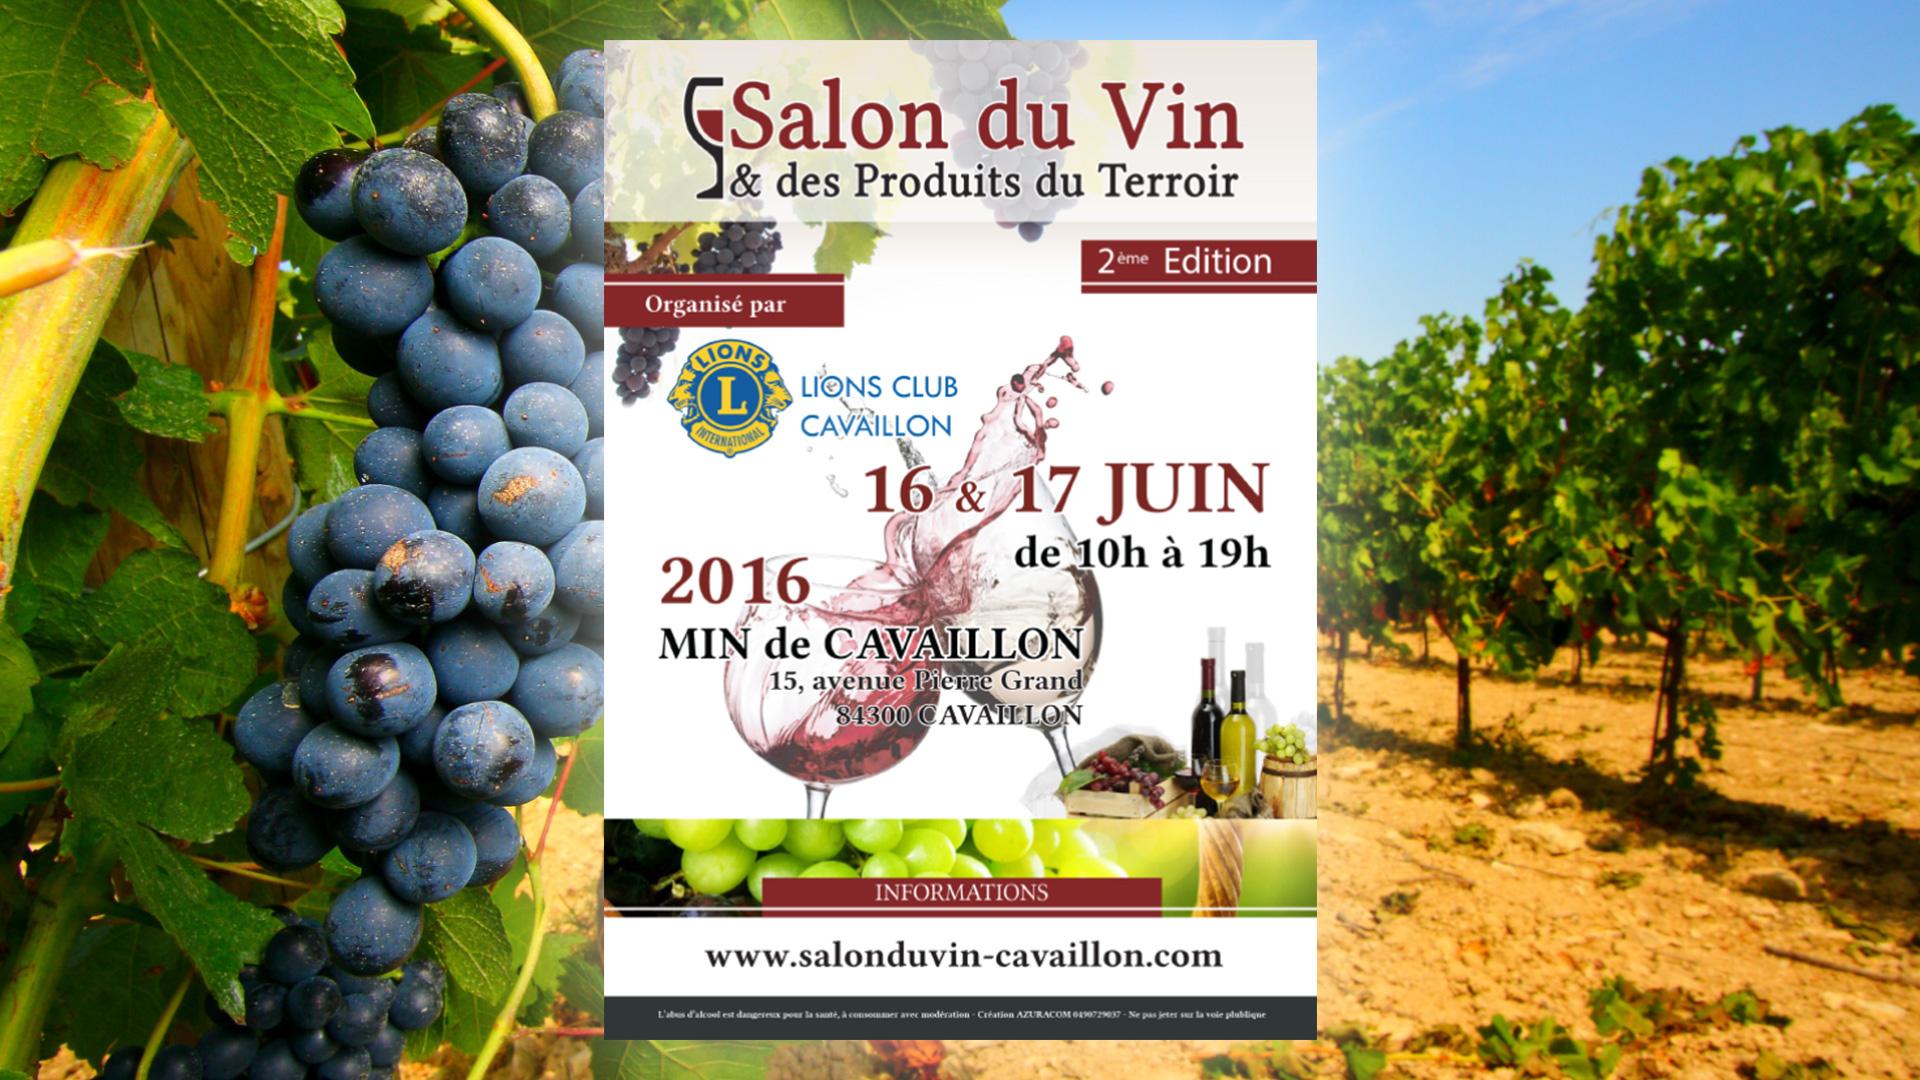 Actualit s salon du vin cavaillon 2016 agence web azuracom for Salon du vin toulouse 2017